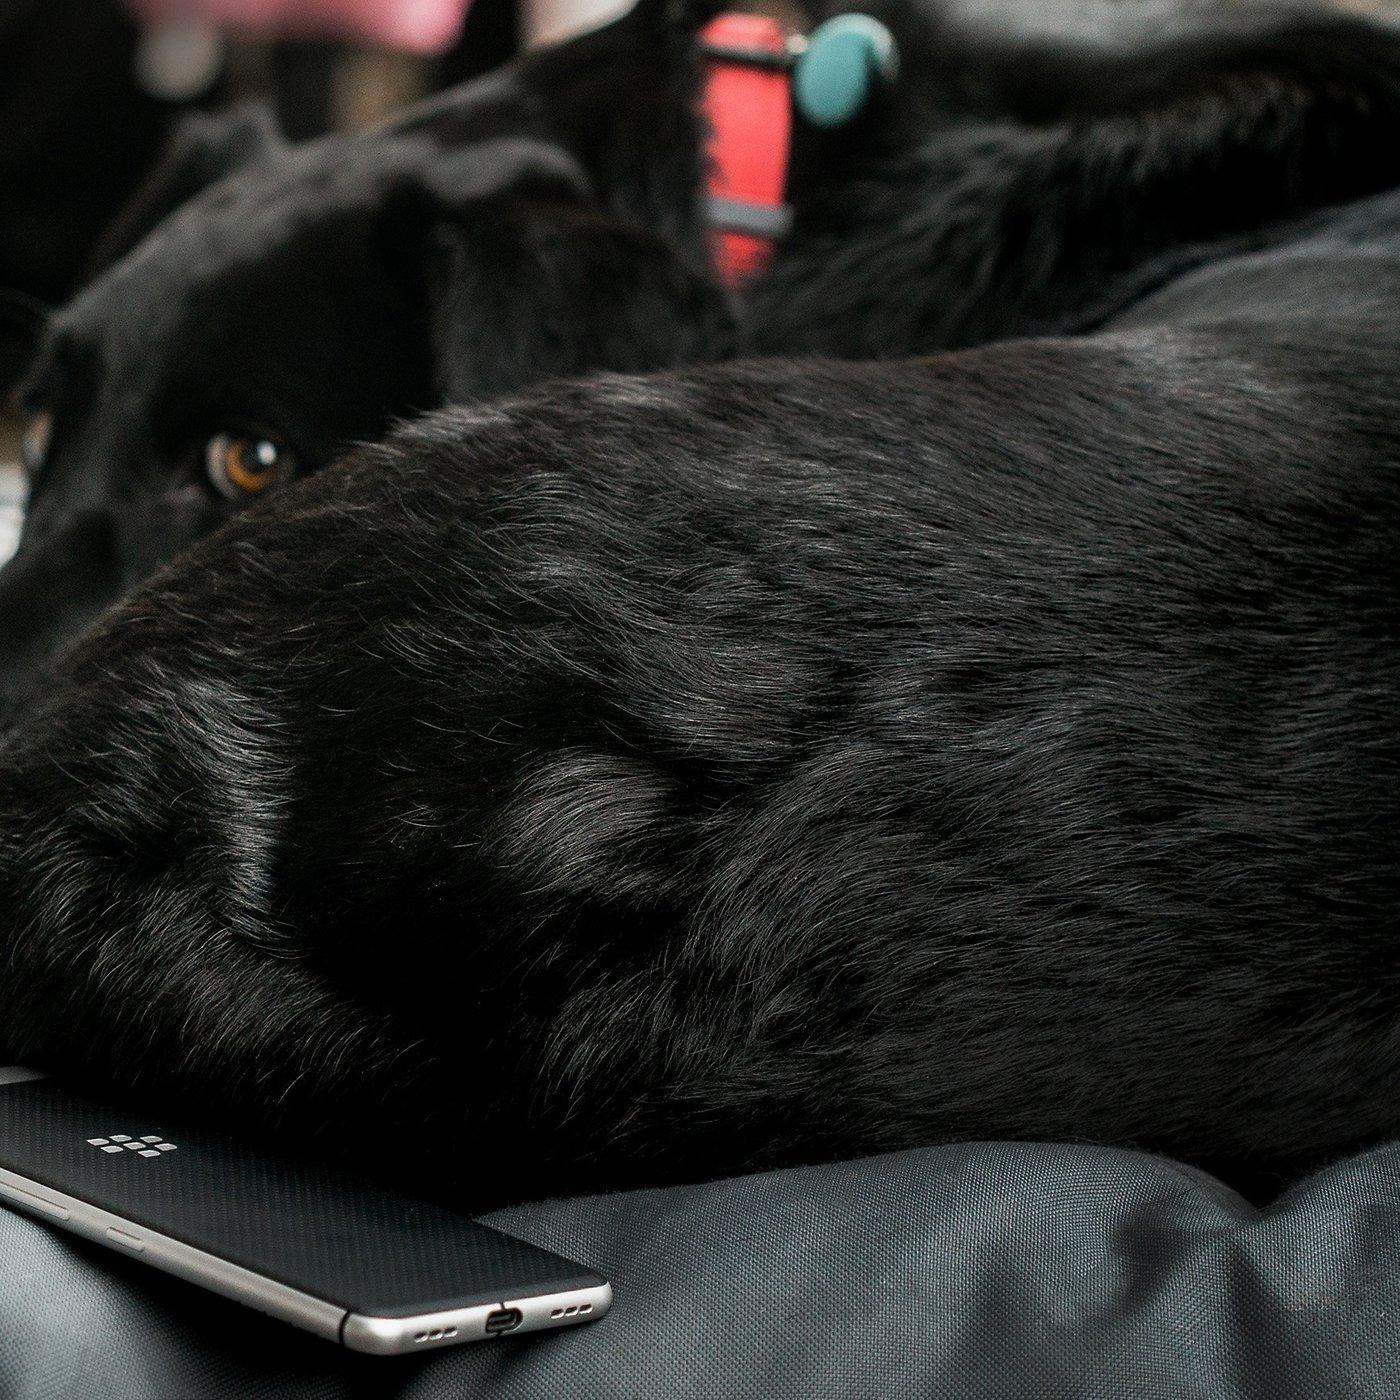 die lautlose hundehütte: das paradies für hunde an silvester